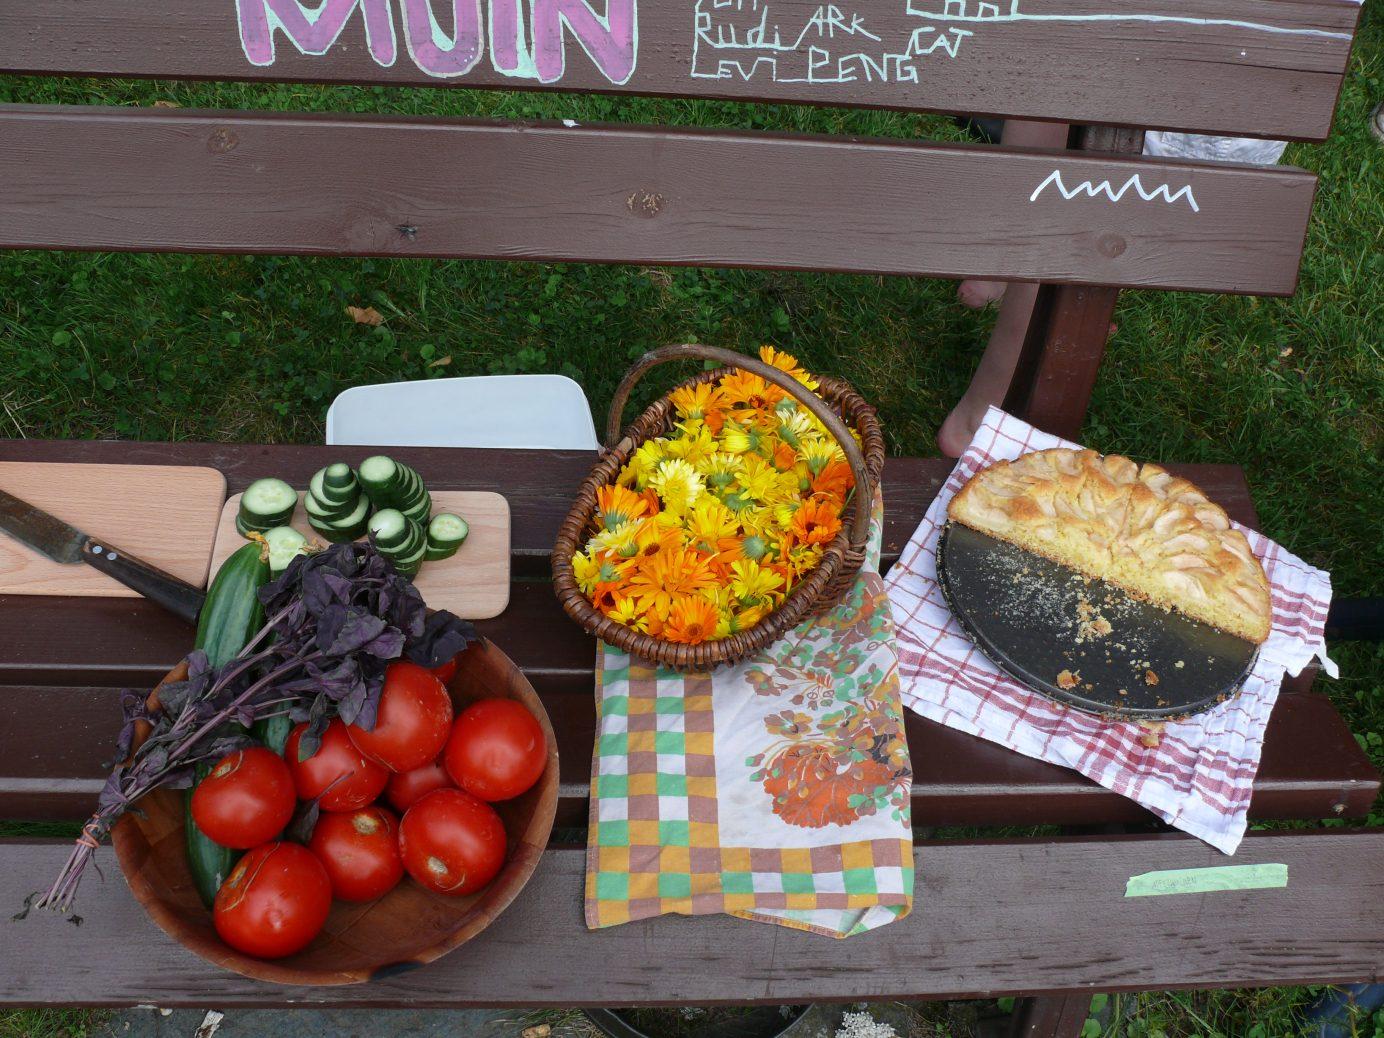 Tomaten, Kräuter, Gurken, ein Korb mit Blüten und ein Blech mit Kuchen stehen auf der Parkbank